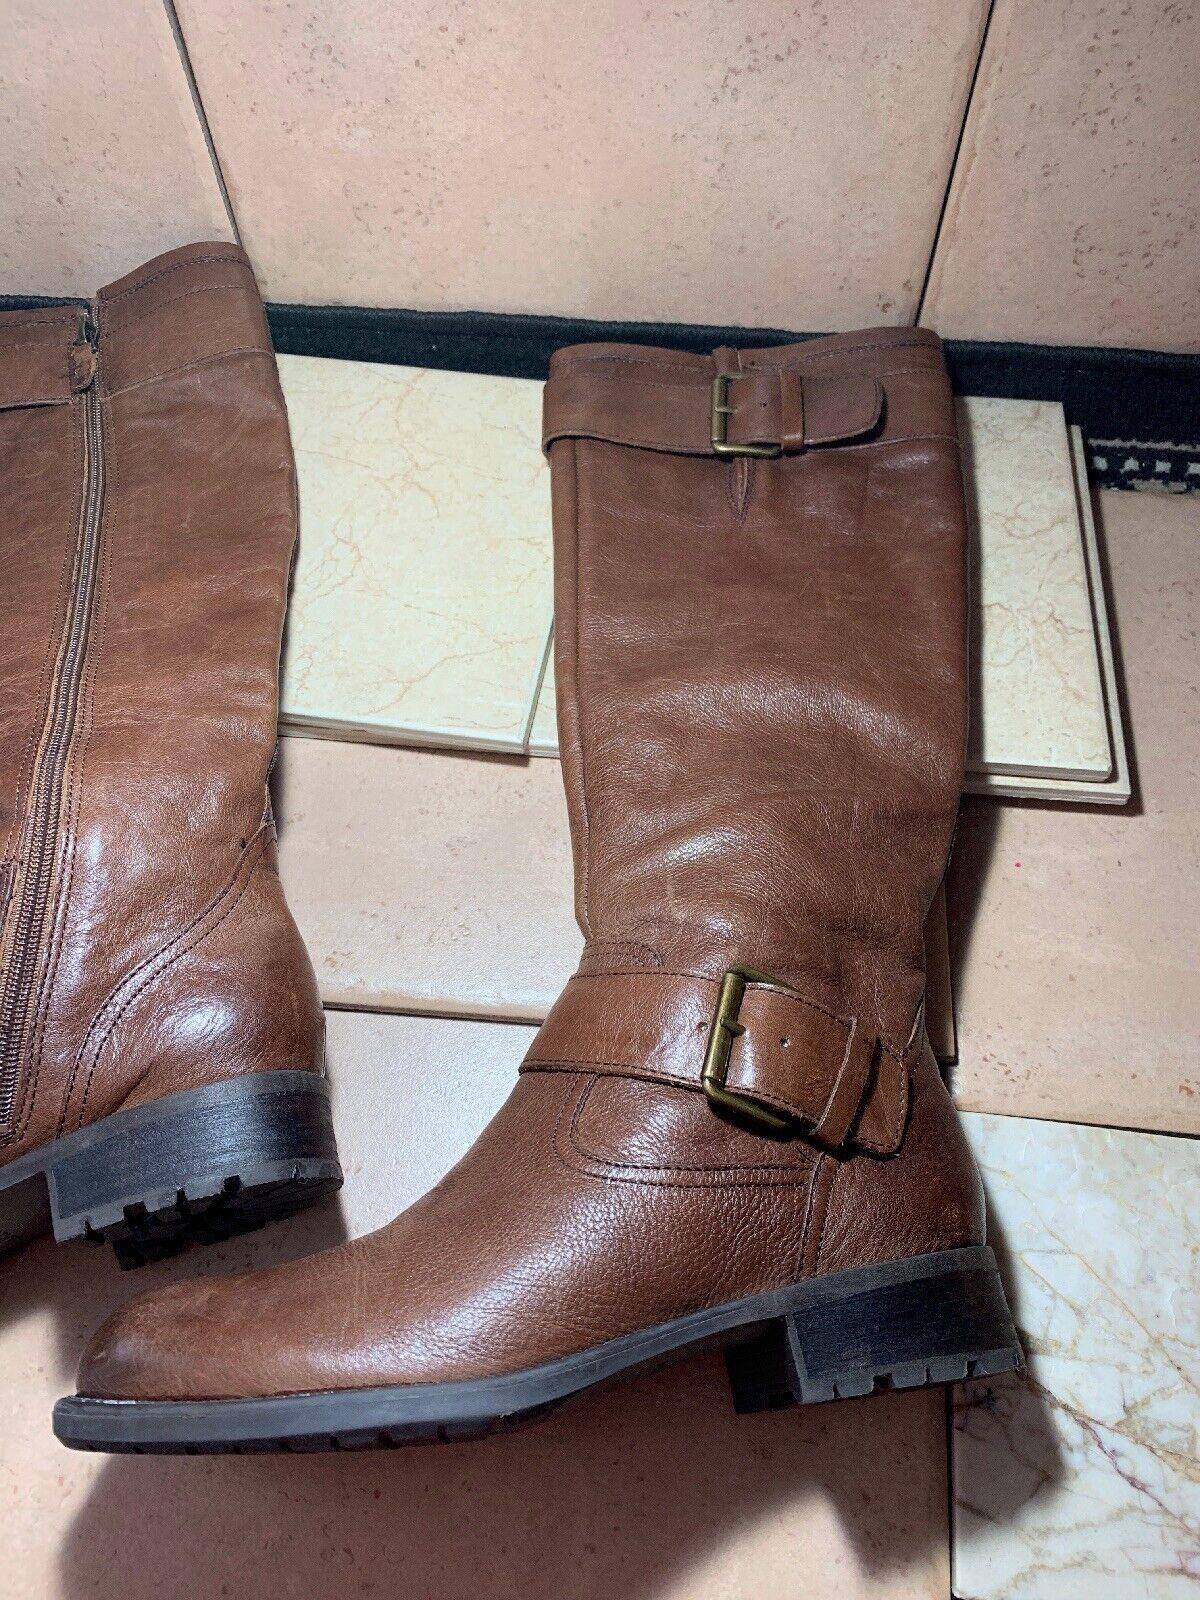 Franco Sarto  PLUTO  marrón botas de cuero suave. tamaño 7 M Excelente Estado.